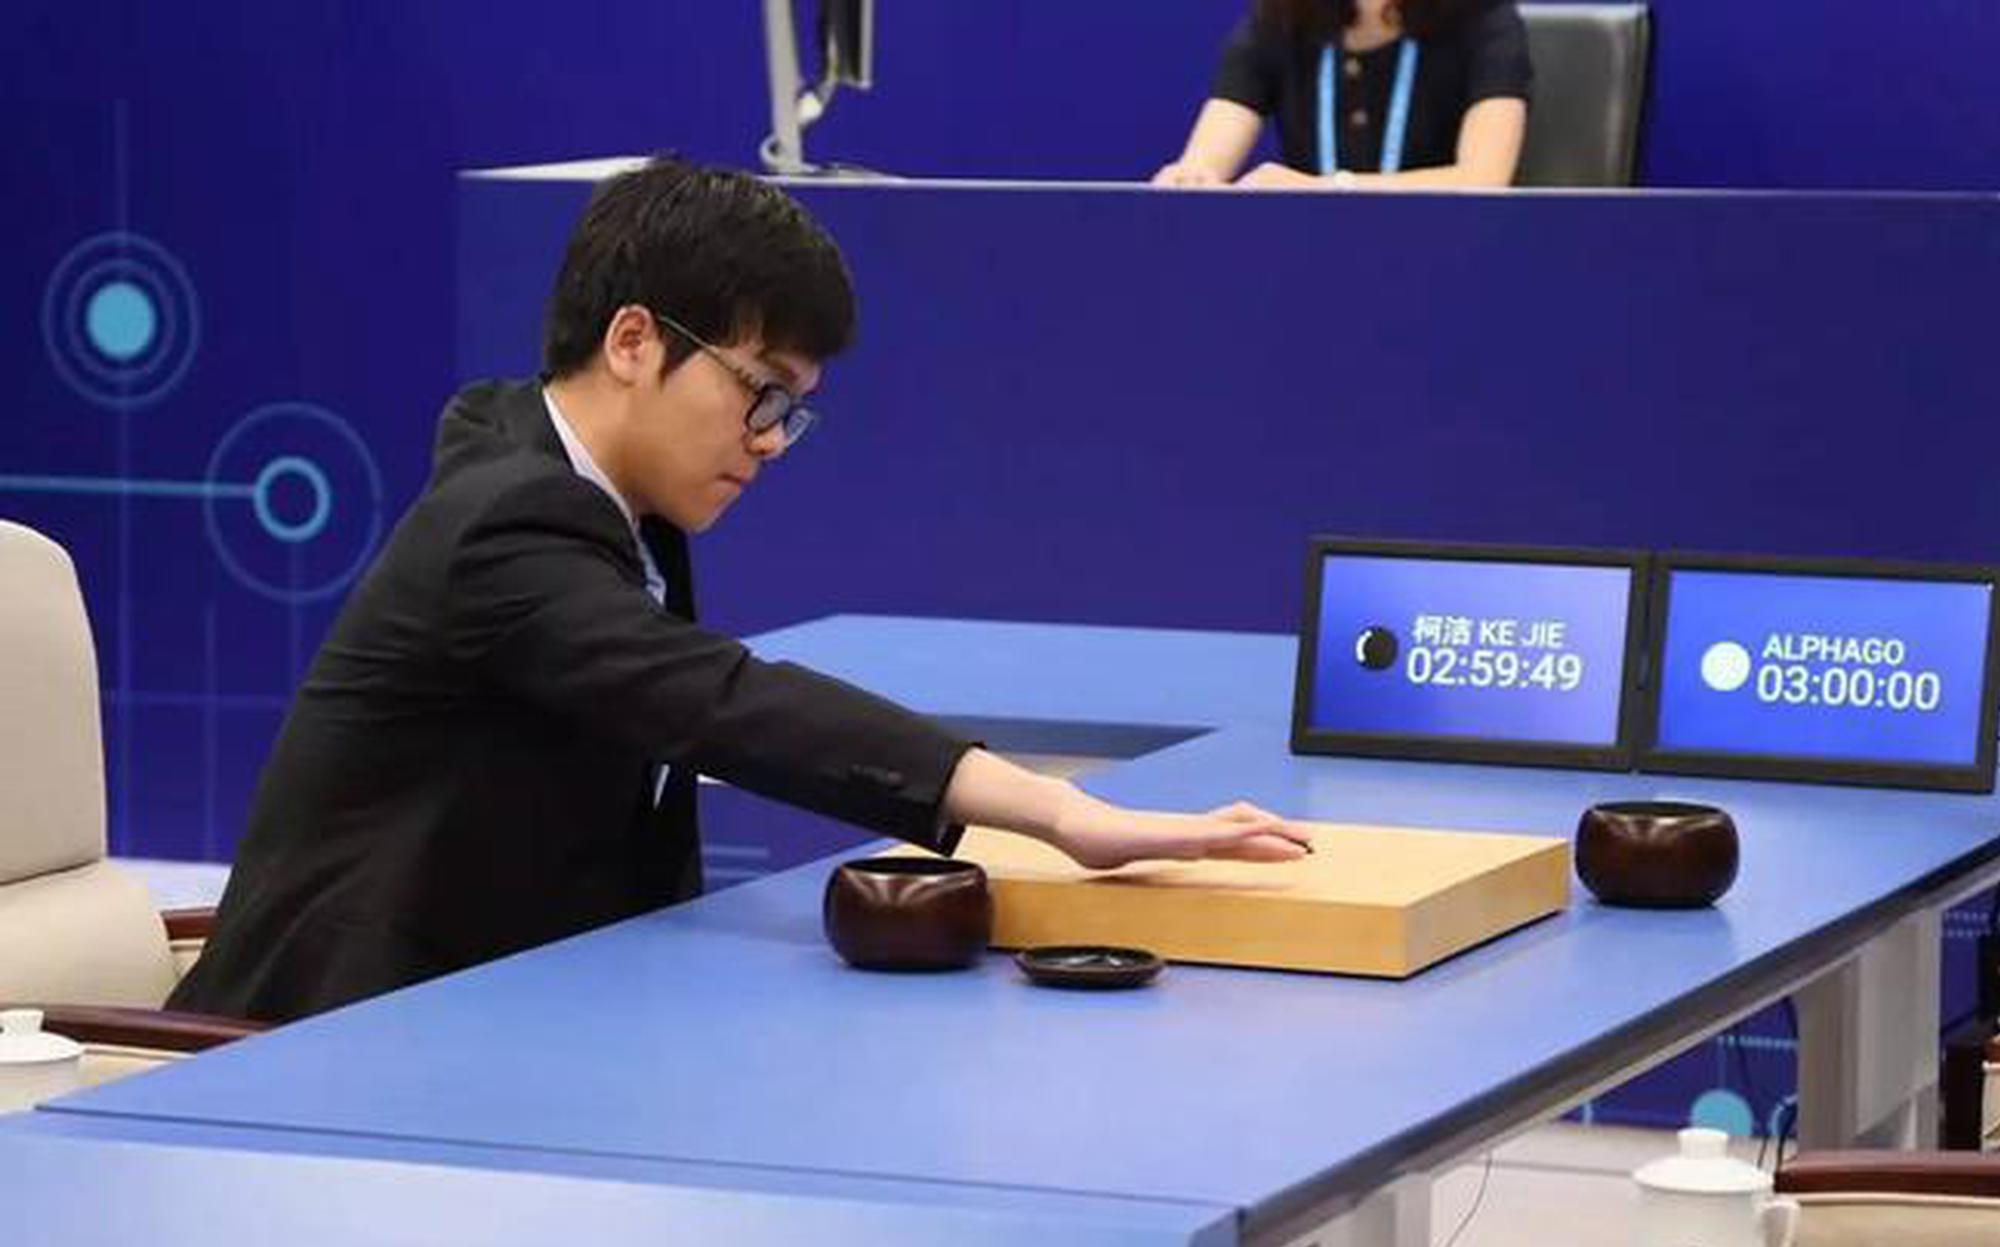 柯洁-AlphaGo